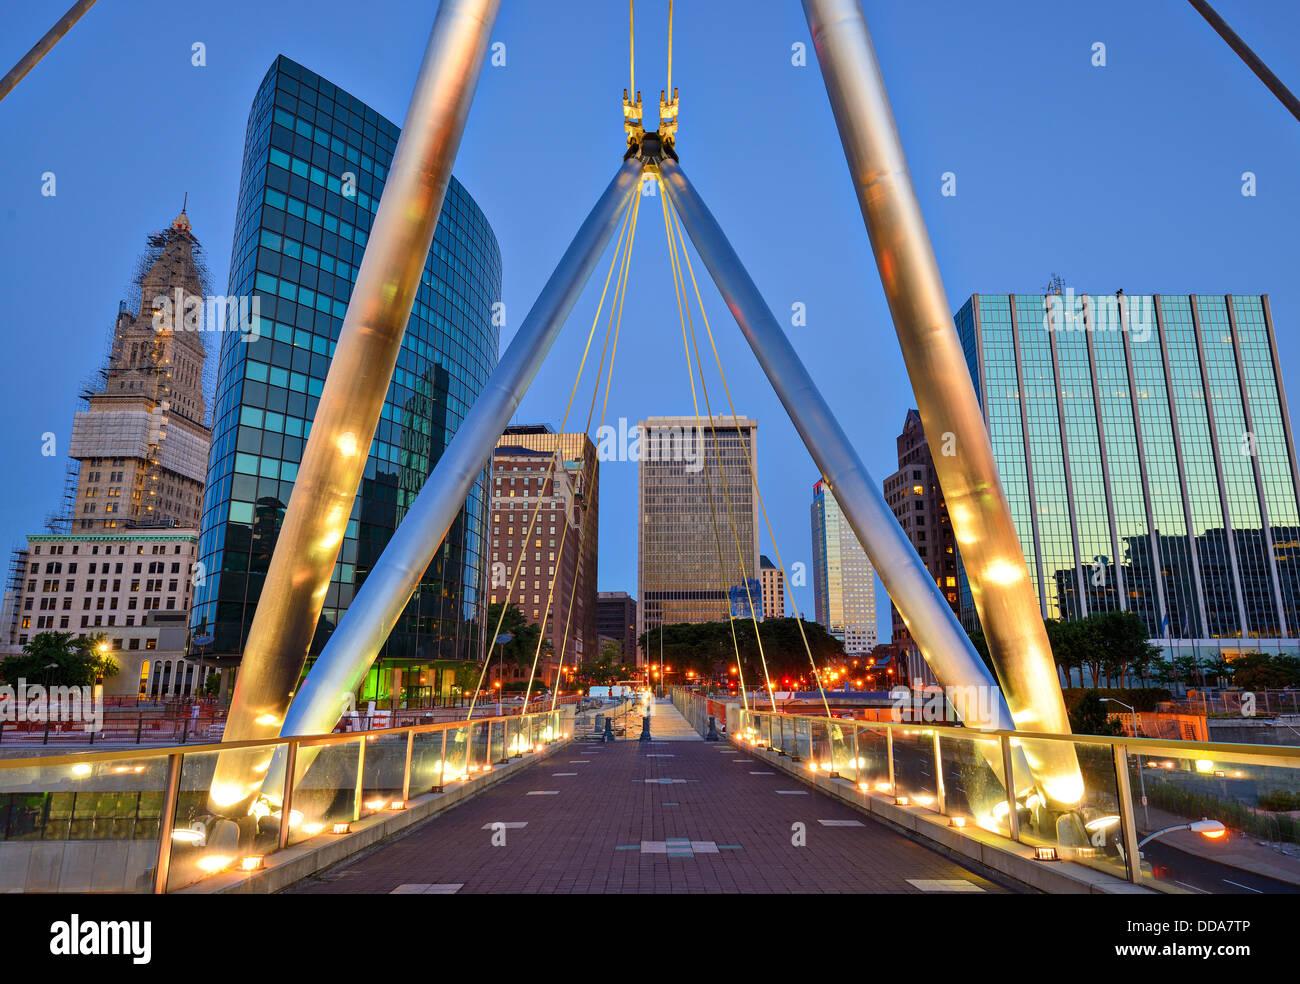 Perfil del centro de la ciudad de Hartford, Connecticut, fundadores del puente. Imagen De Stock